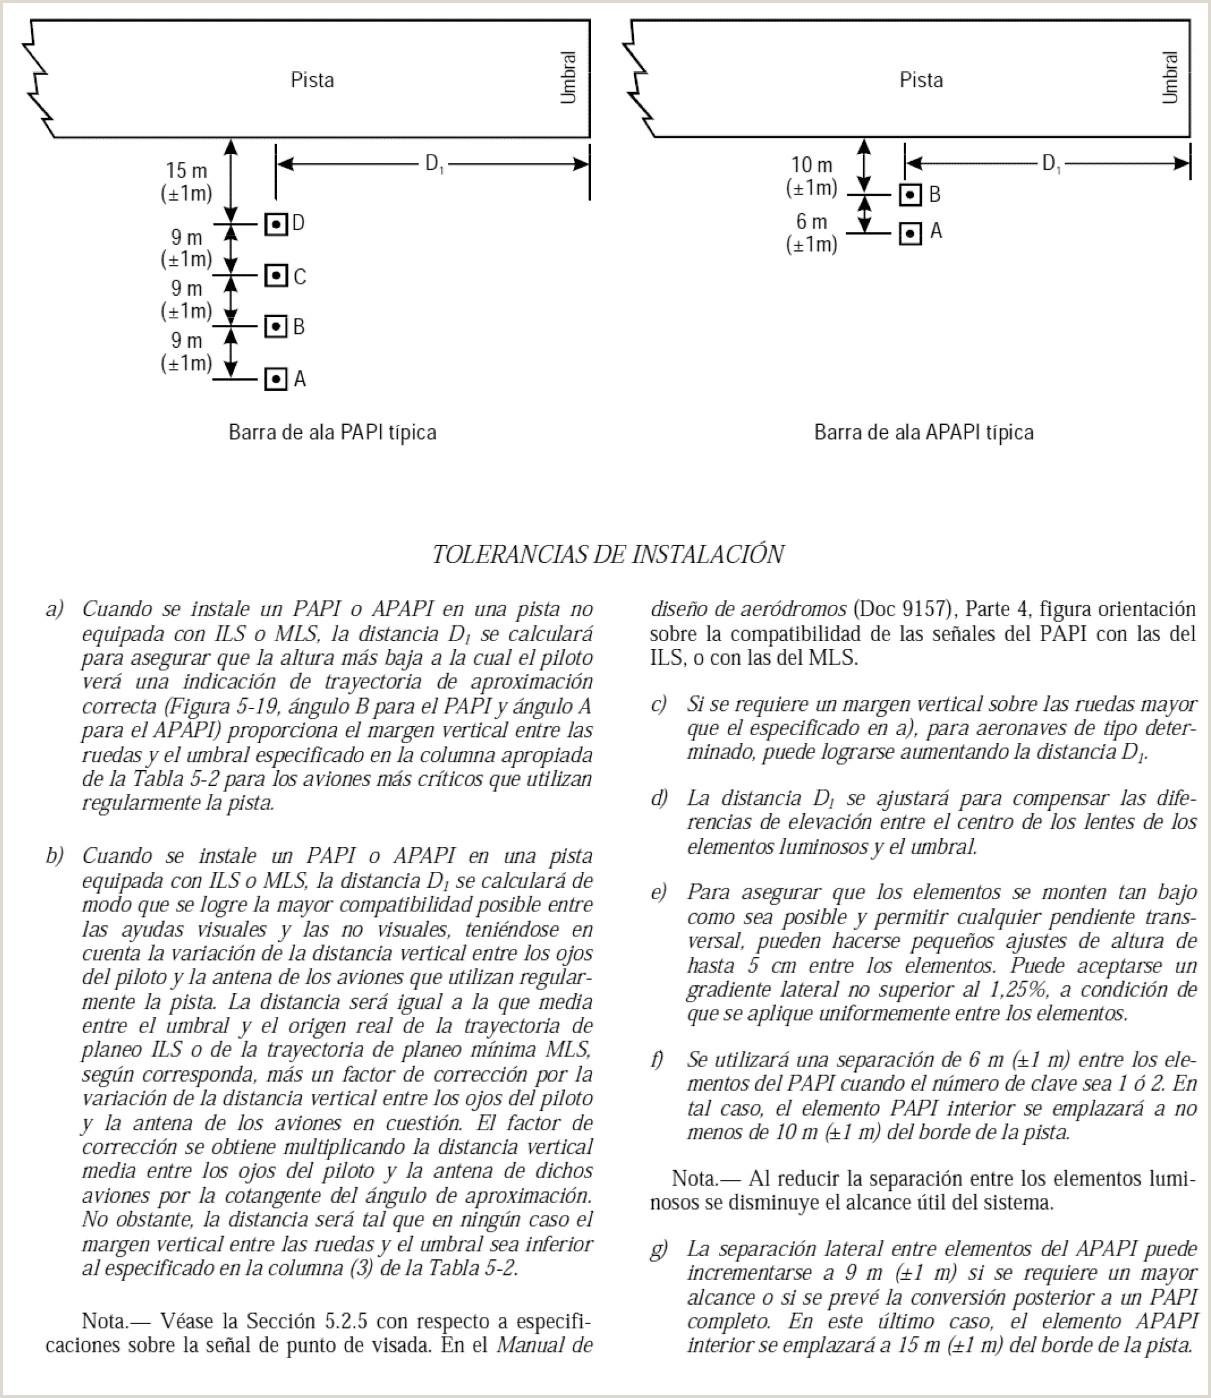 Formato Hoja De Vida Ingles Boe Documento Consolidado Boe A 2009 9043